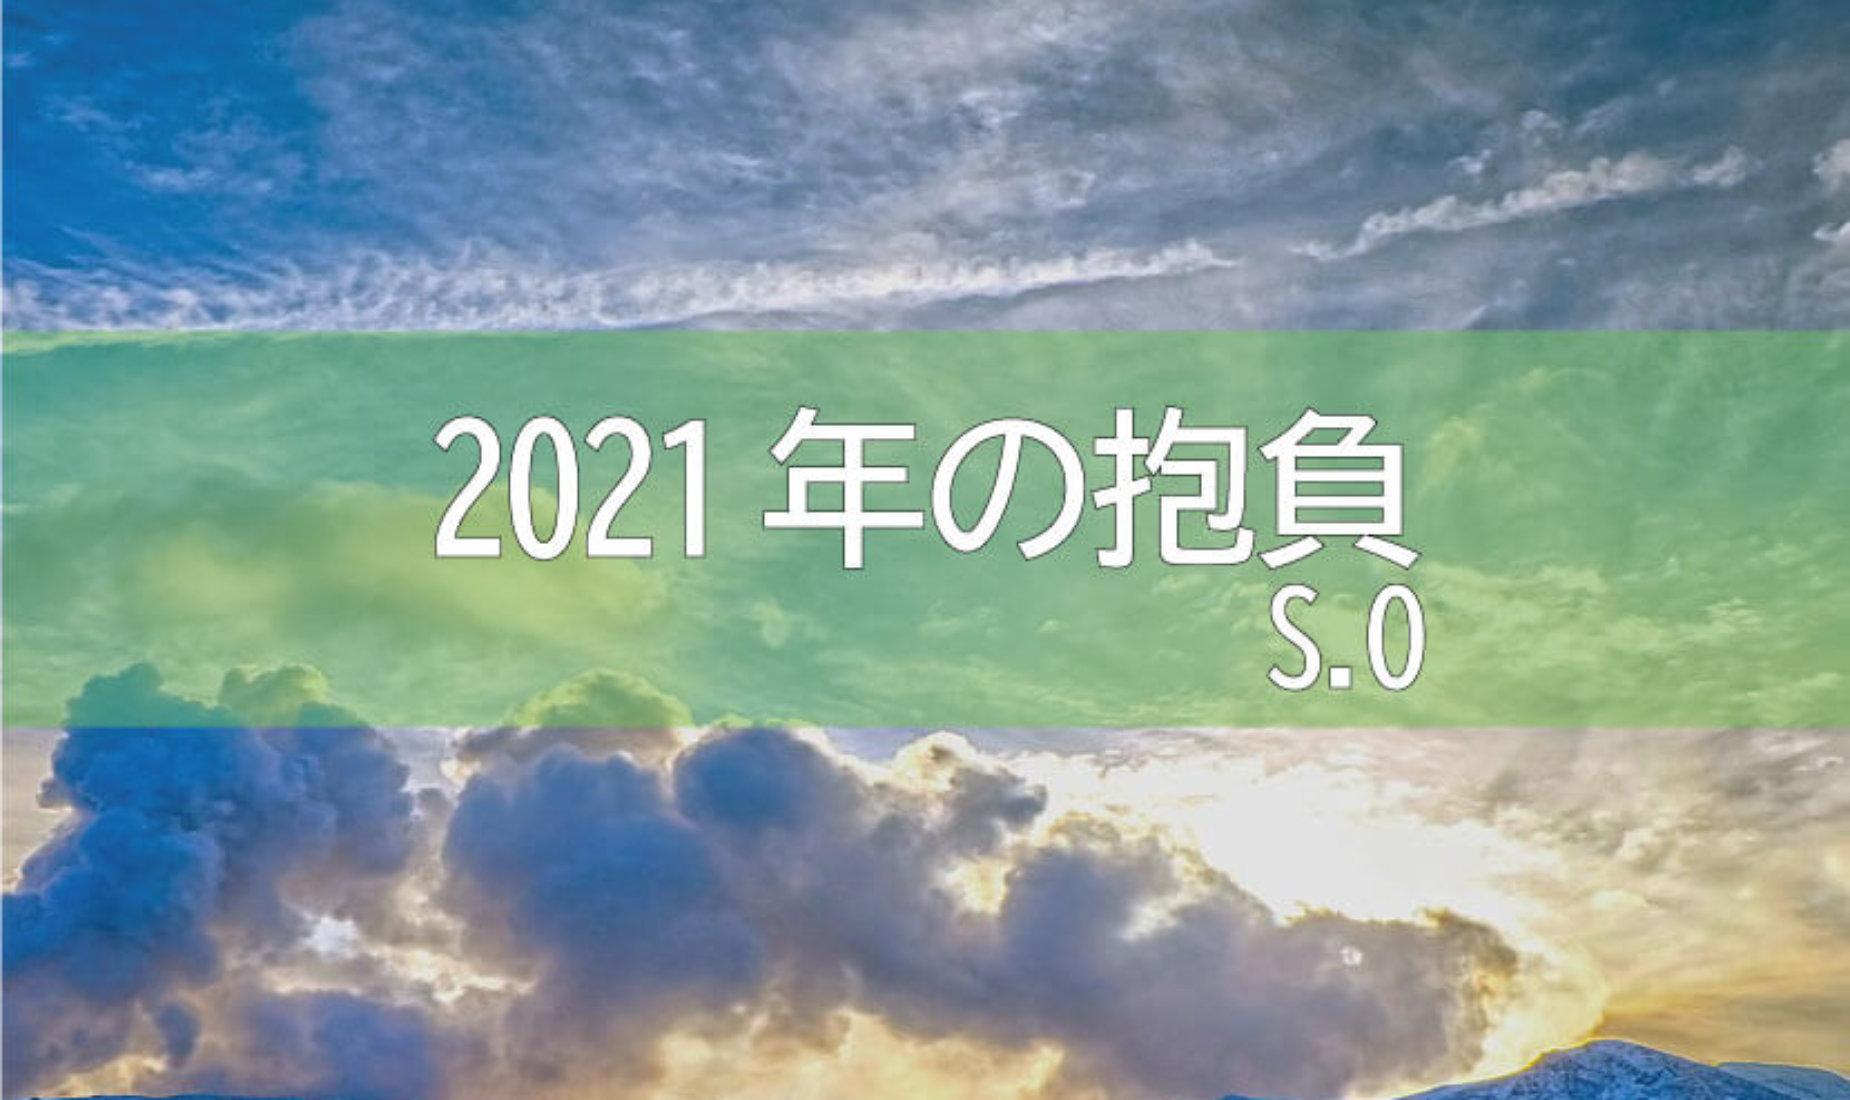 2021年の抱負 S.O